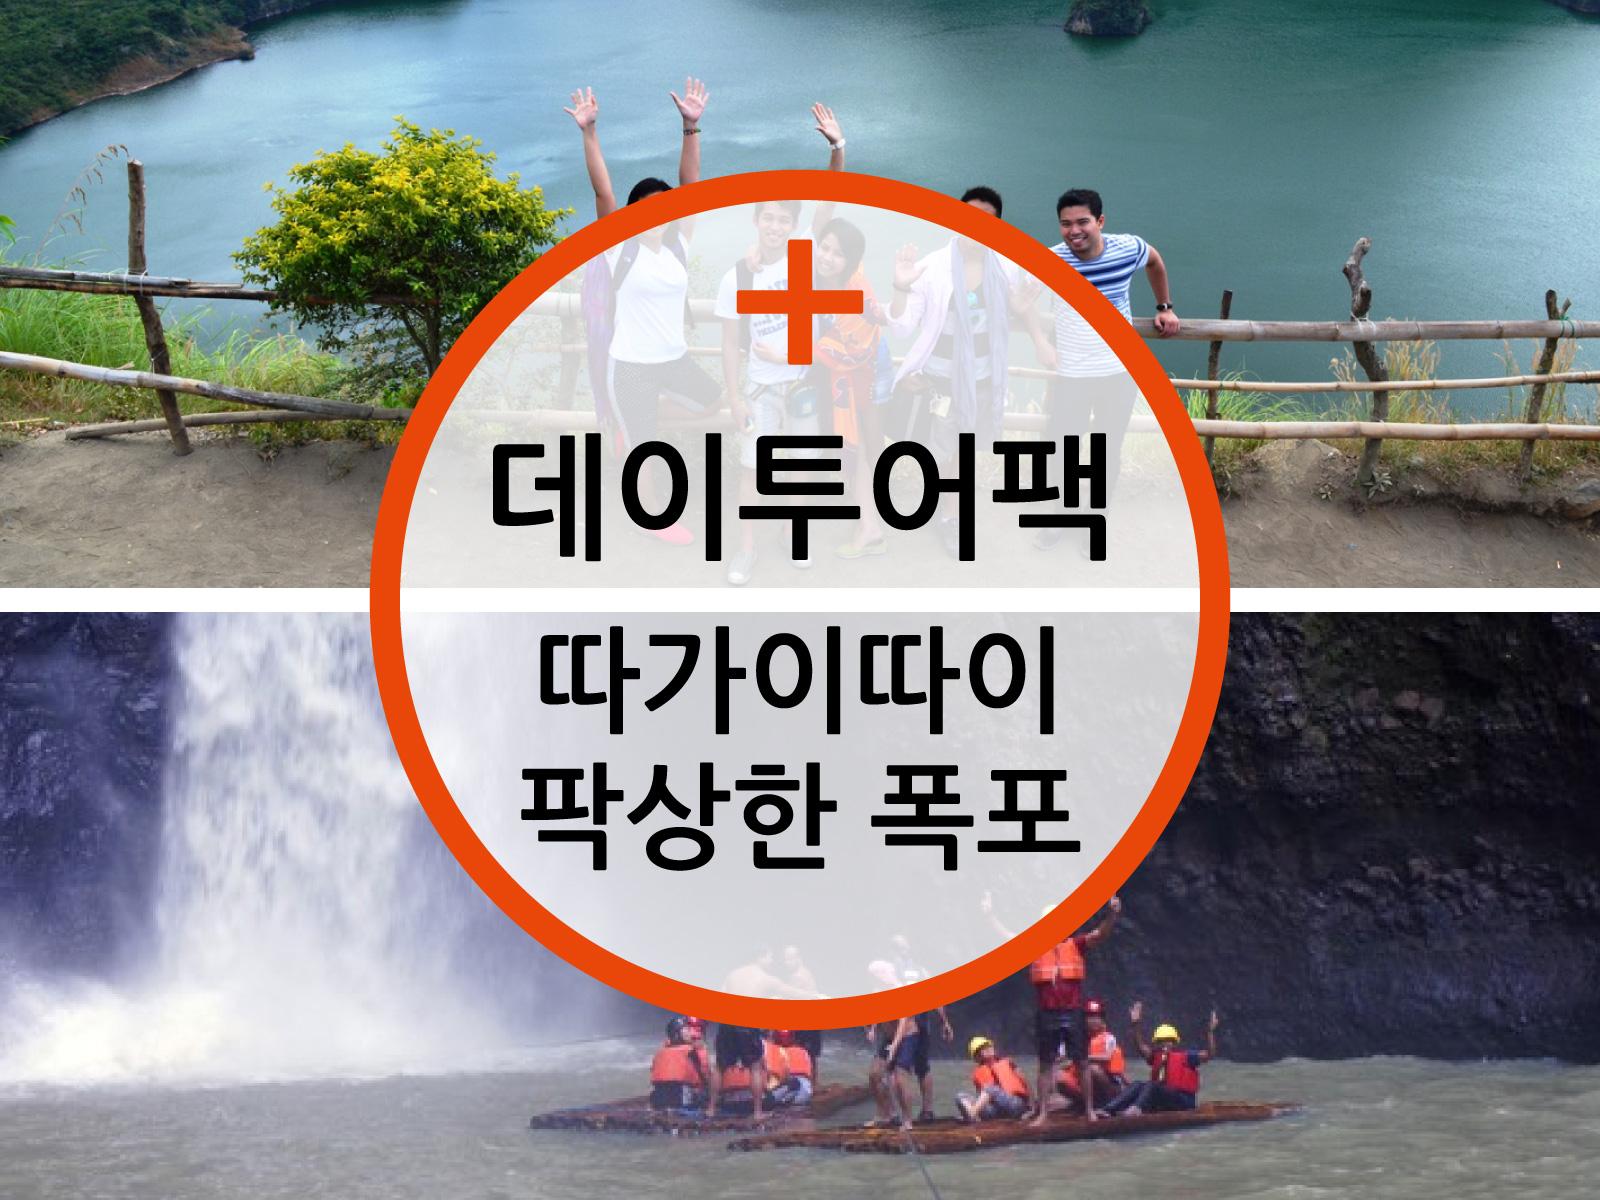 마닐라 팍상한 폭포 + 따가이따이 데이투어(당일여행) - 단독 투어